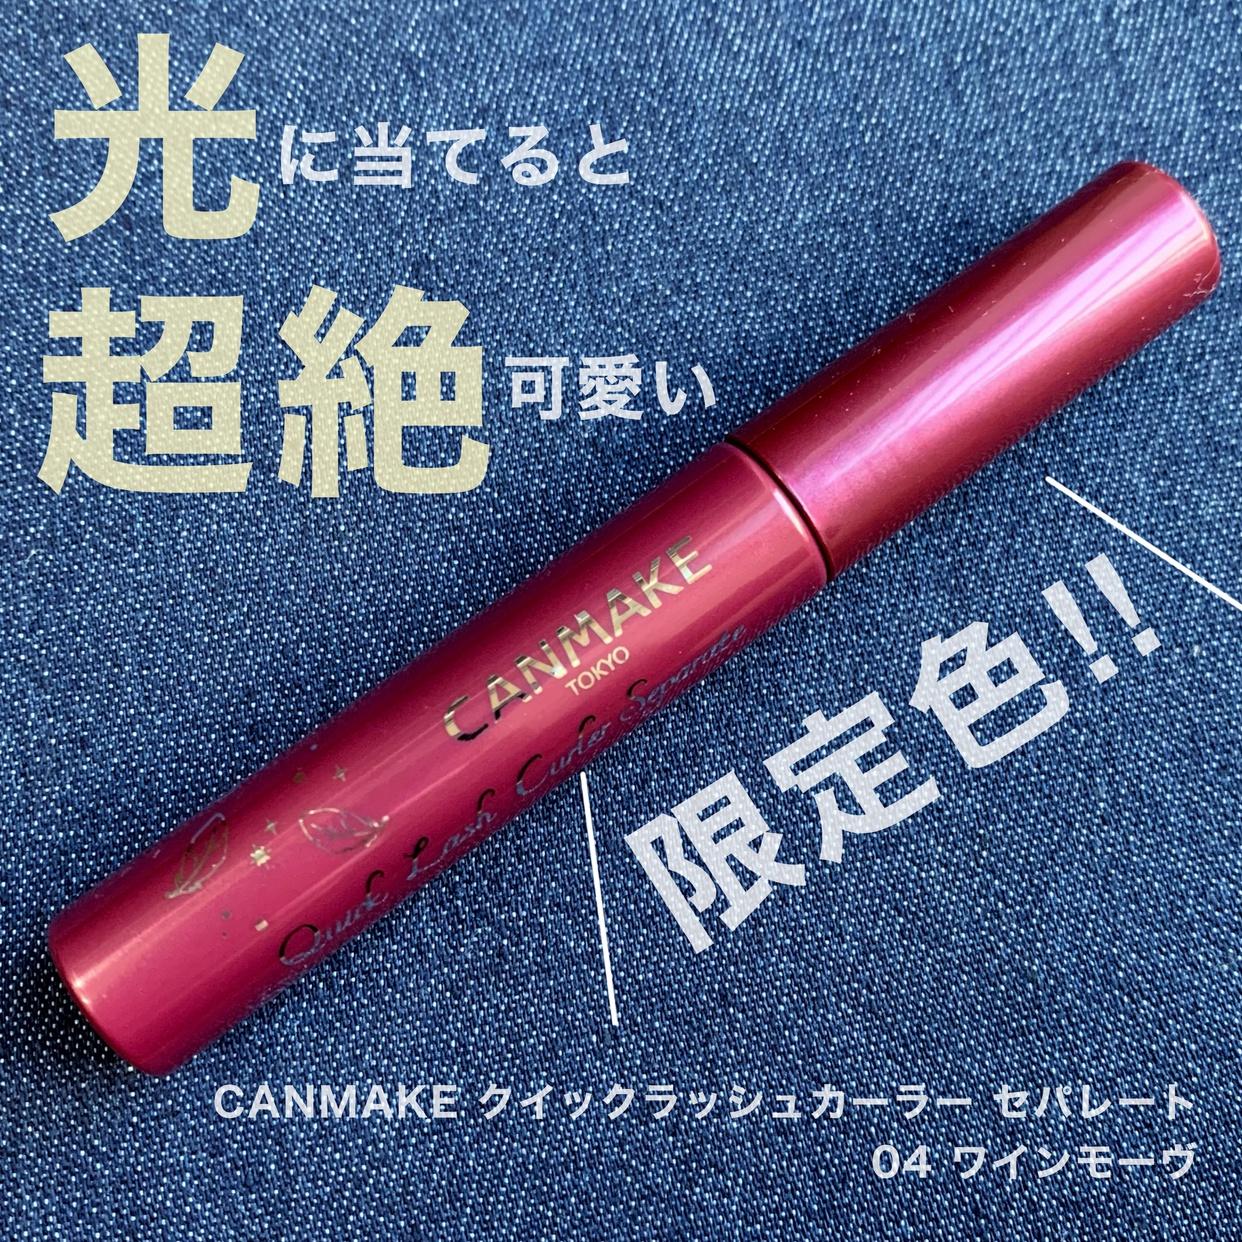 CANMAKE(キャンメイク) クイックラッシュカーラー セパレートを使ったKeiさんのクチコミ画像